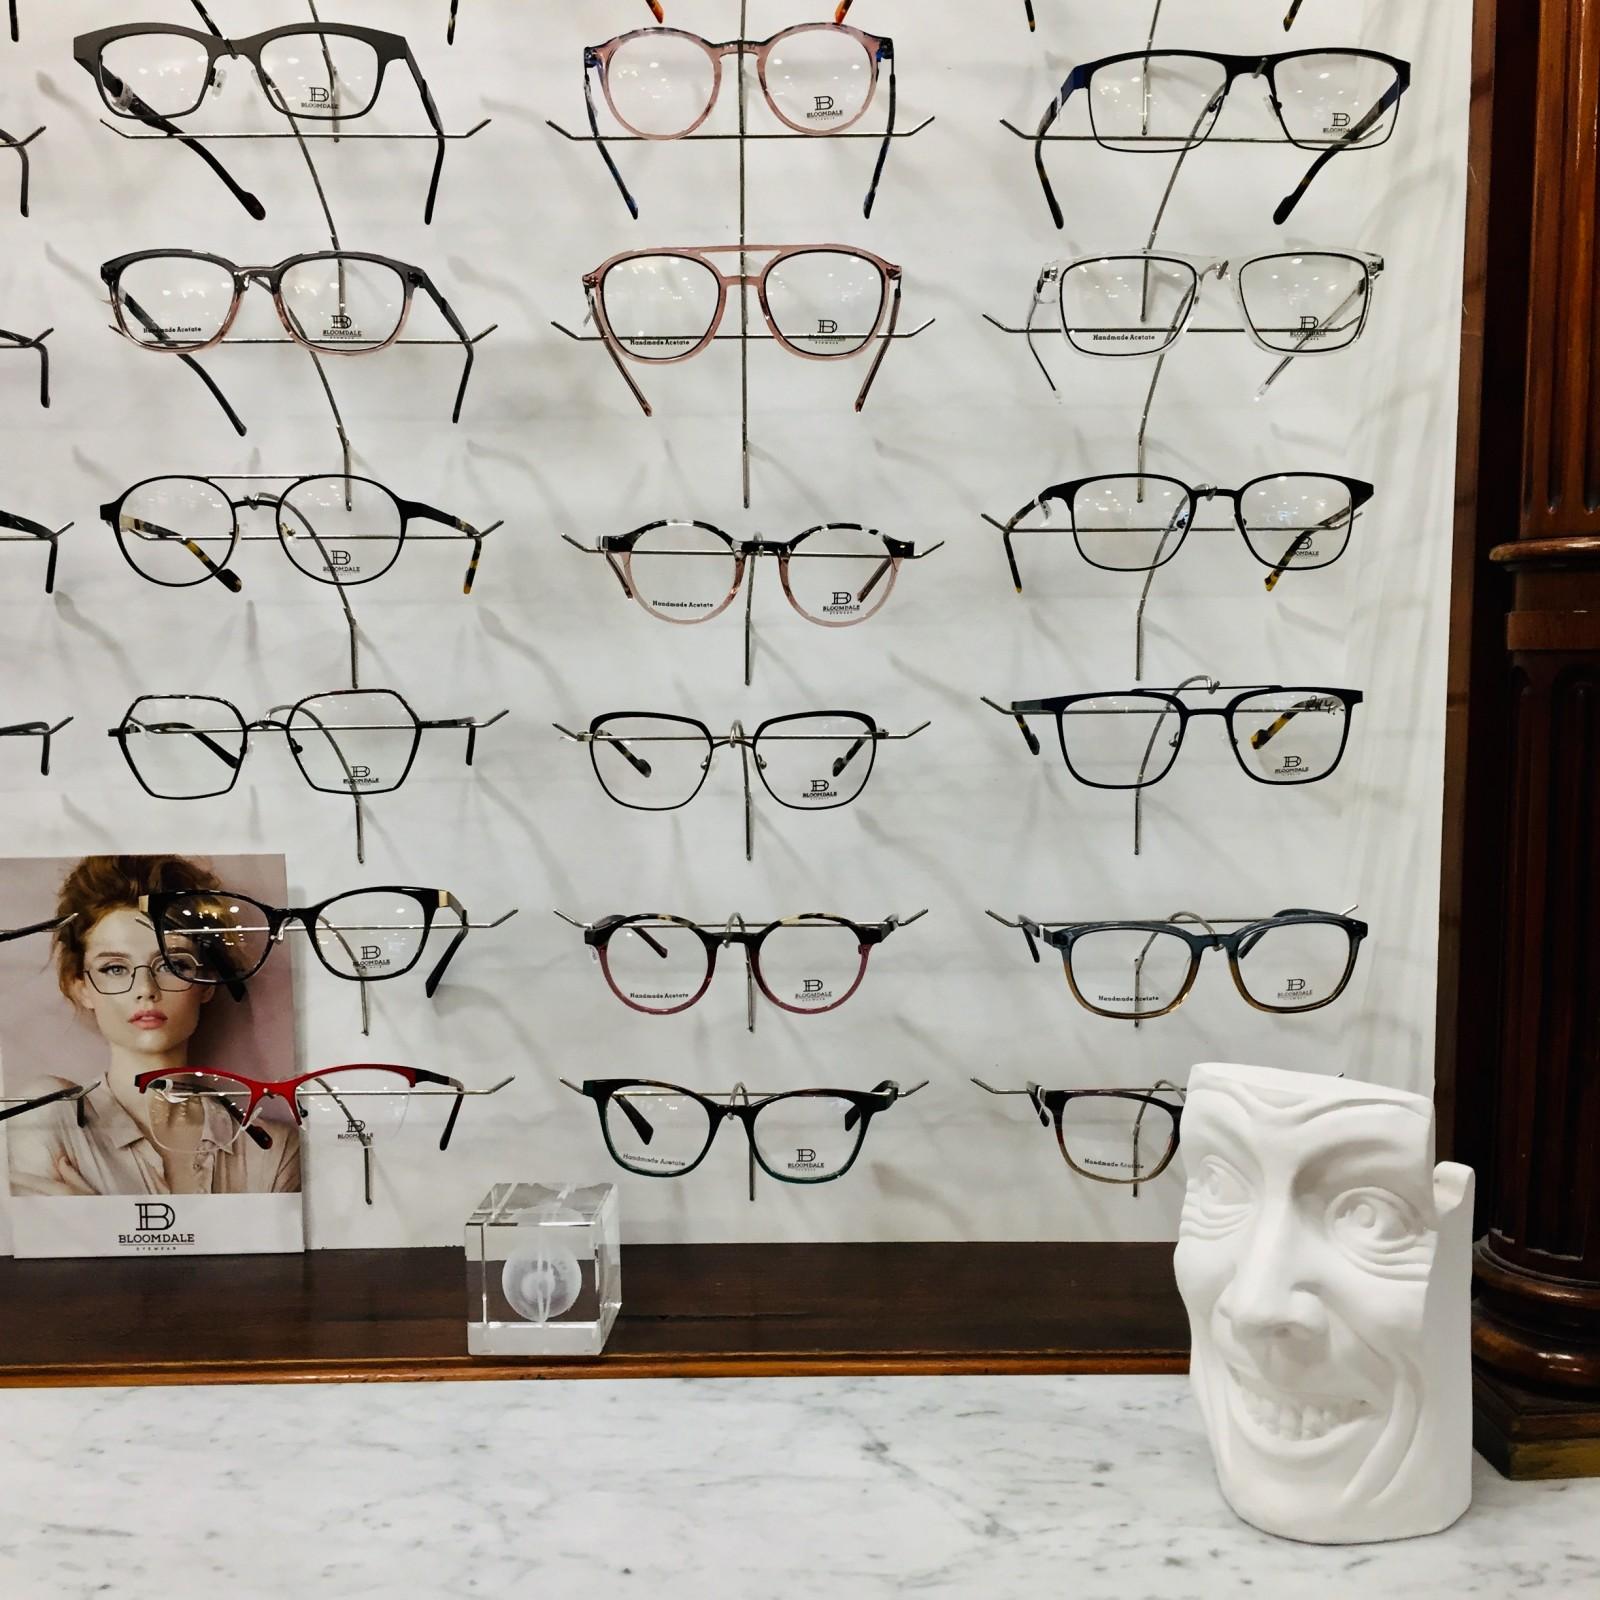 Wand mit Brillenmodellen